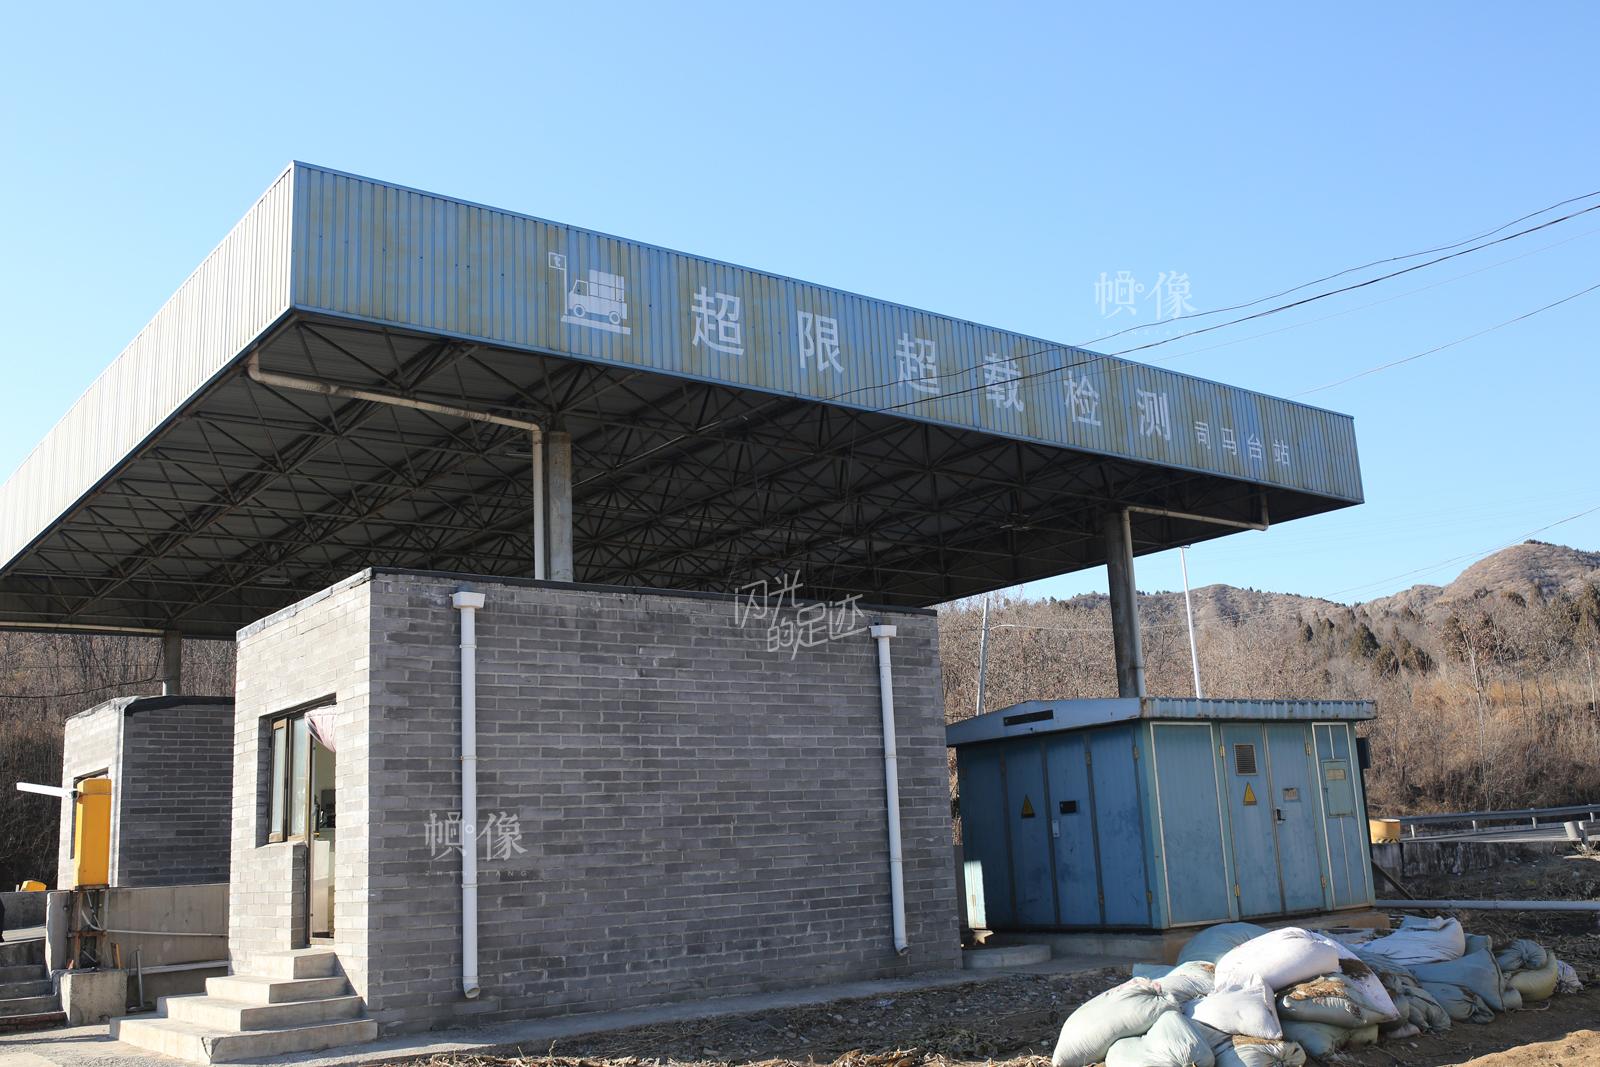 图为北京司马台超限超载检测站。中国网记者 焦源源 摄